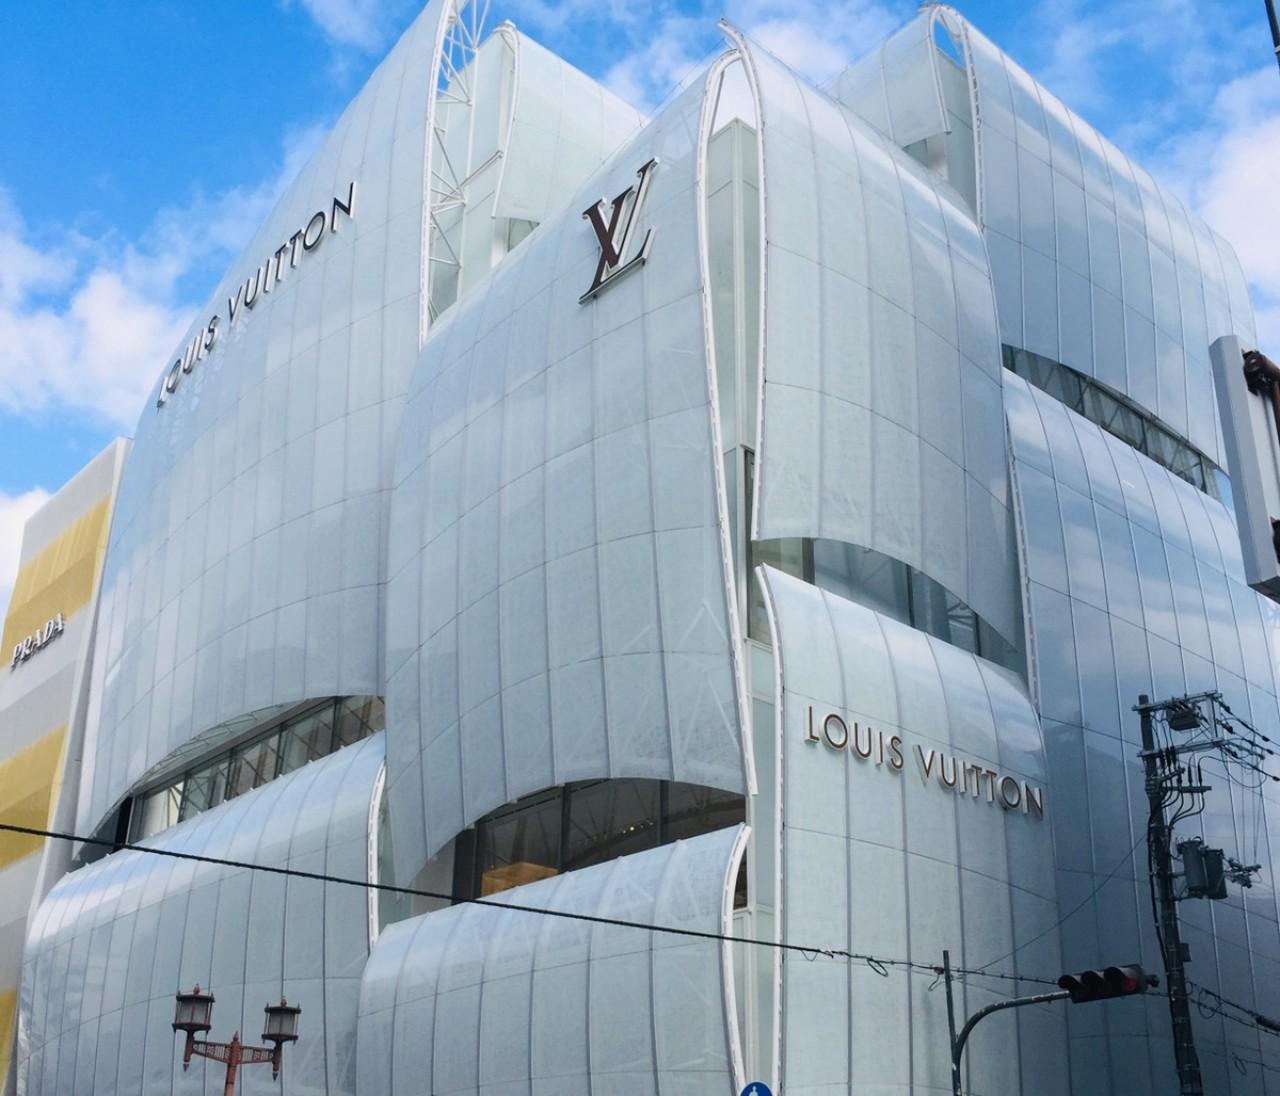 日本最大!「ルイ・ヴィトン メゾン 大阪御堂筋」が2月1日にオープン